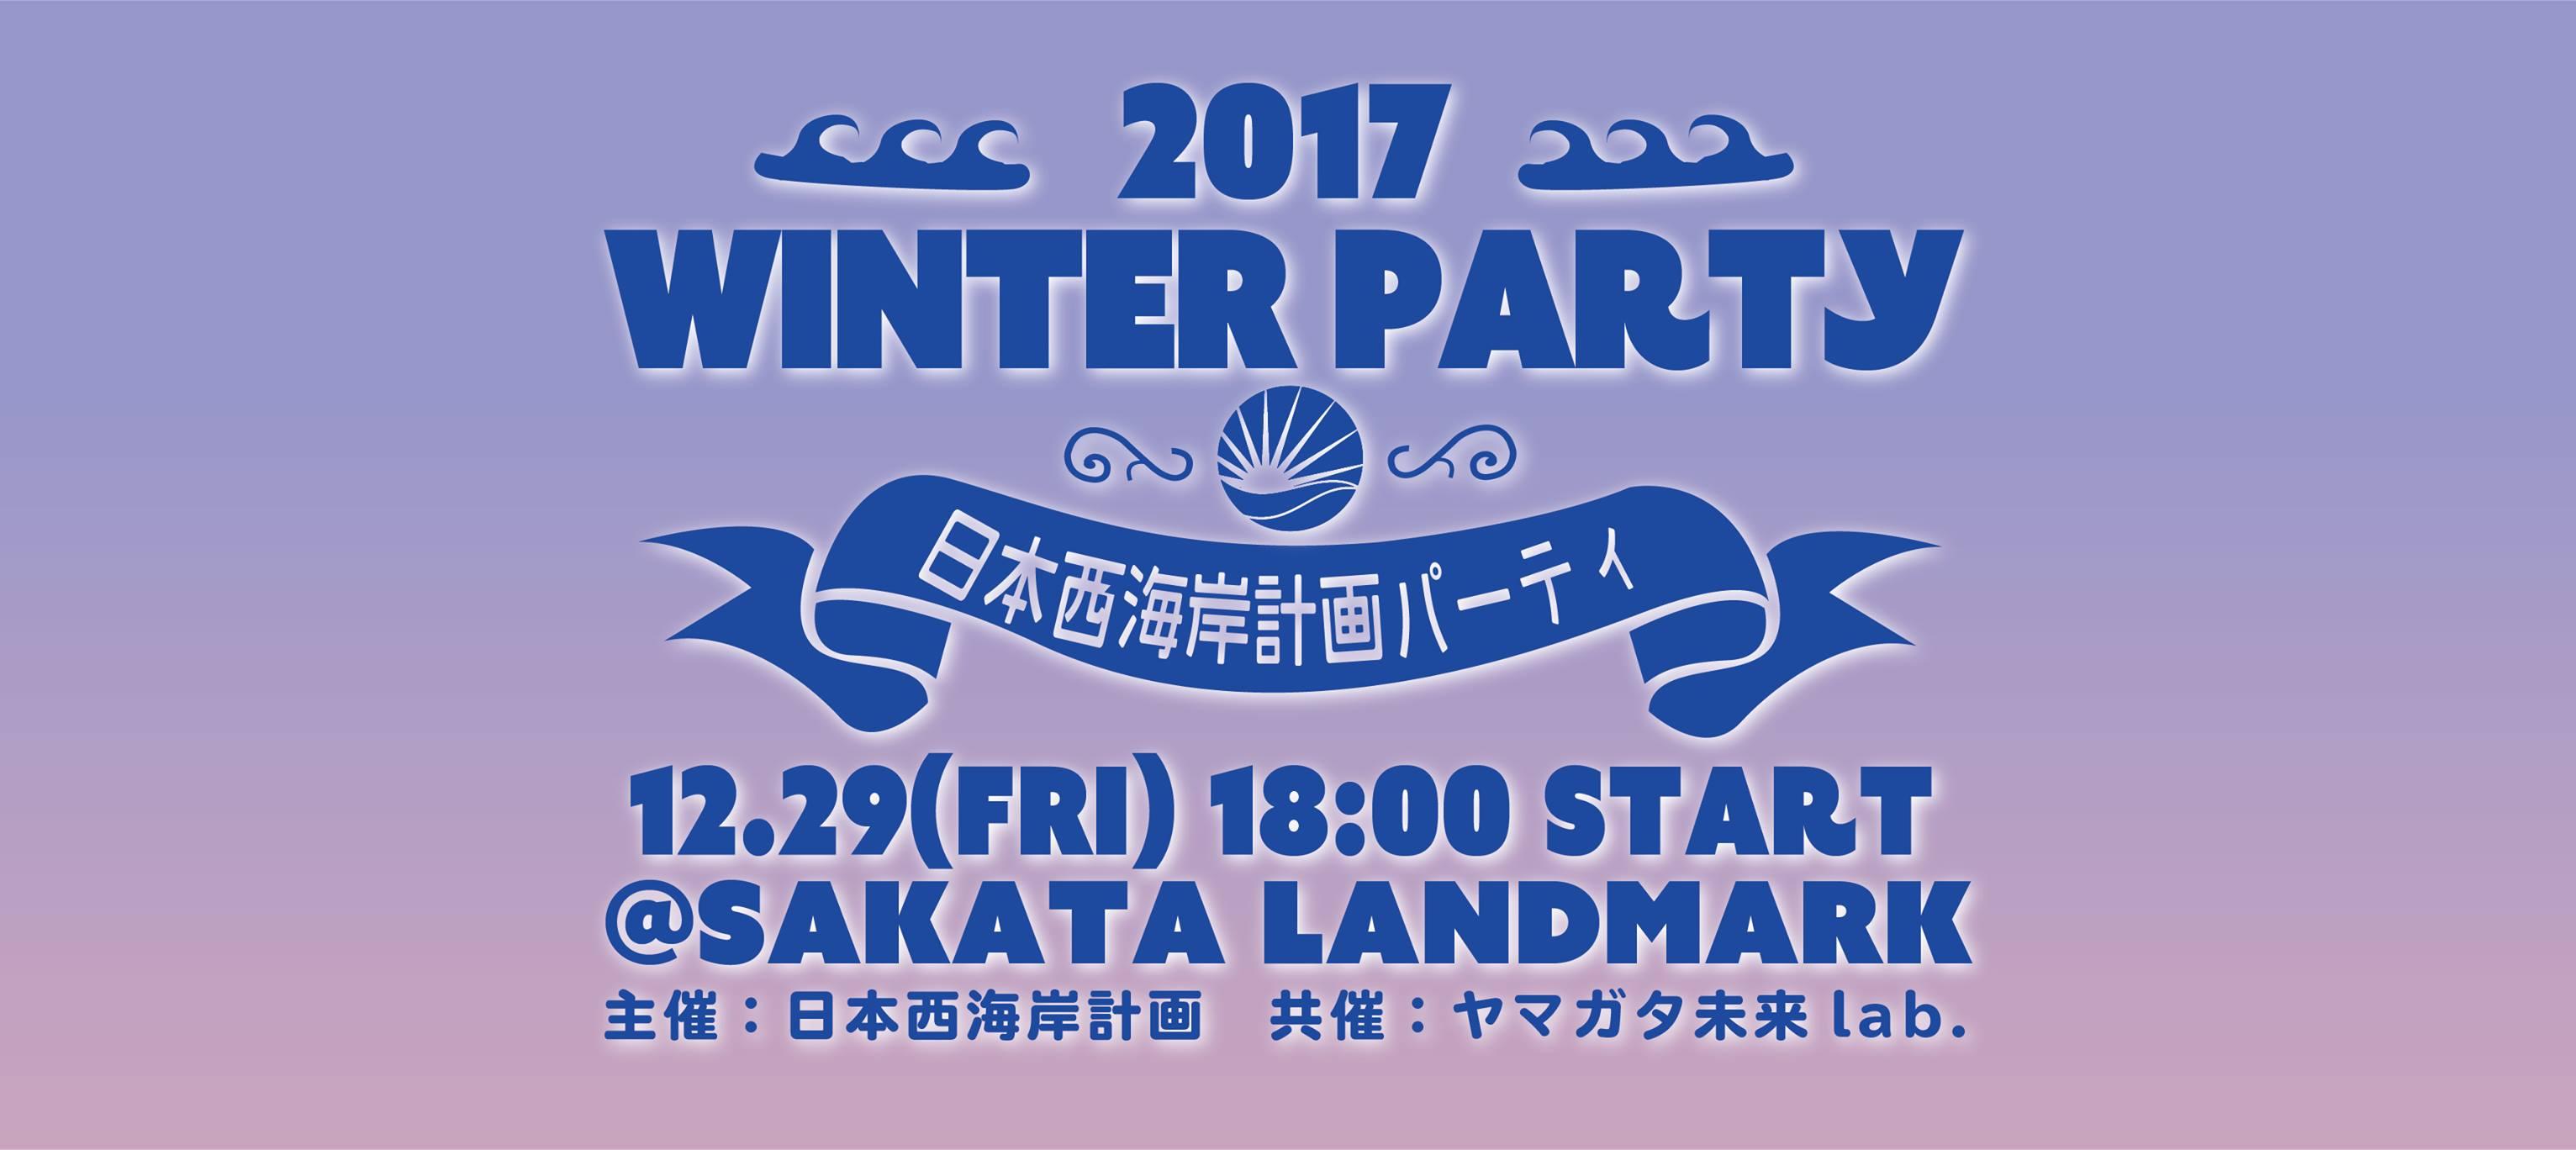 日本西海岸計画2017ウィンターパーティーのお知らせ